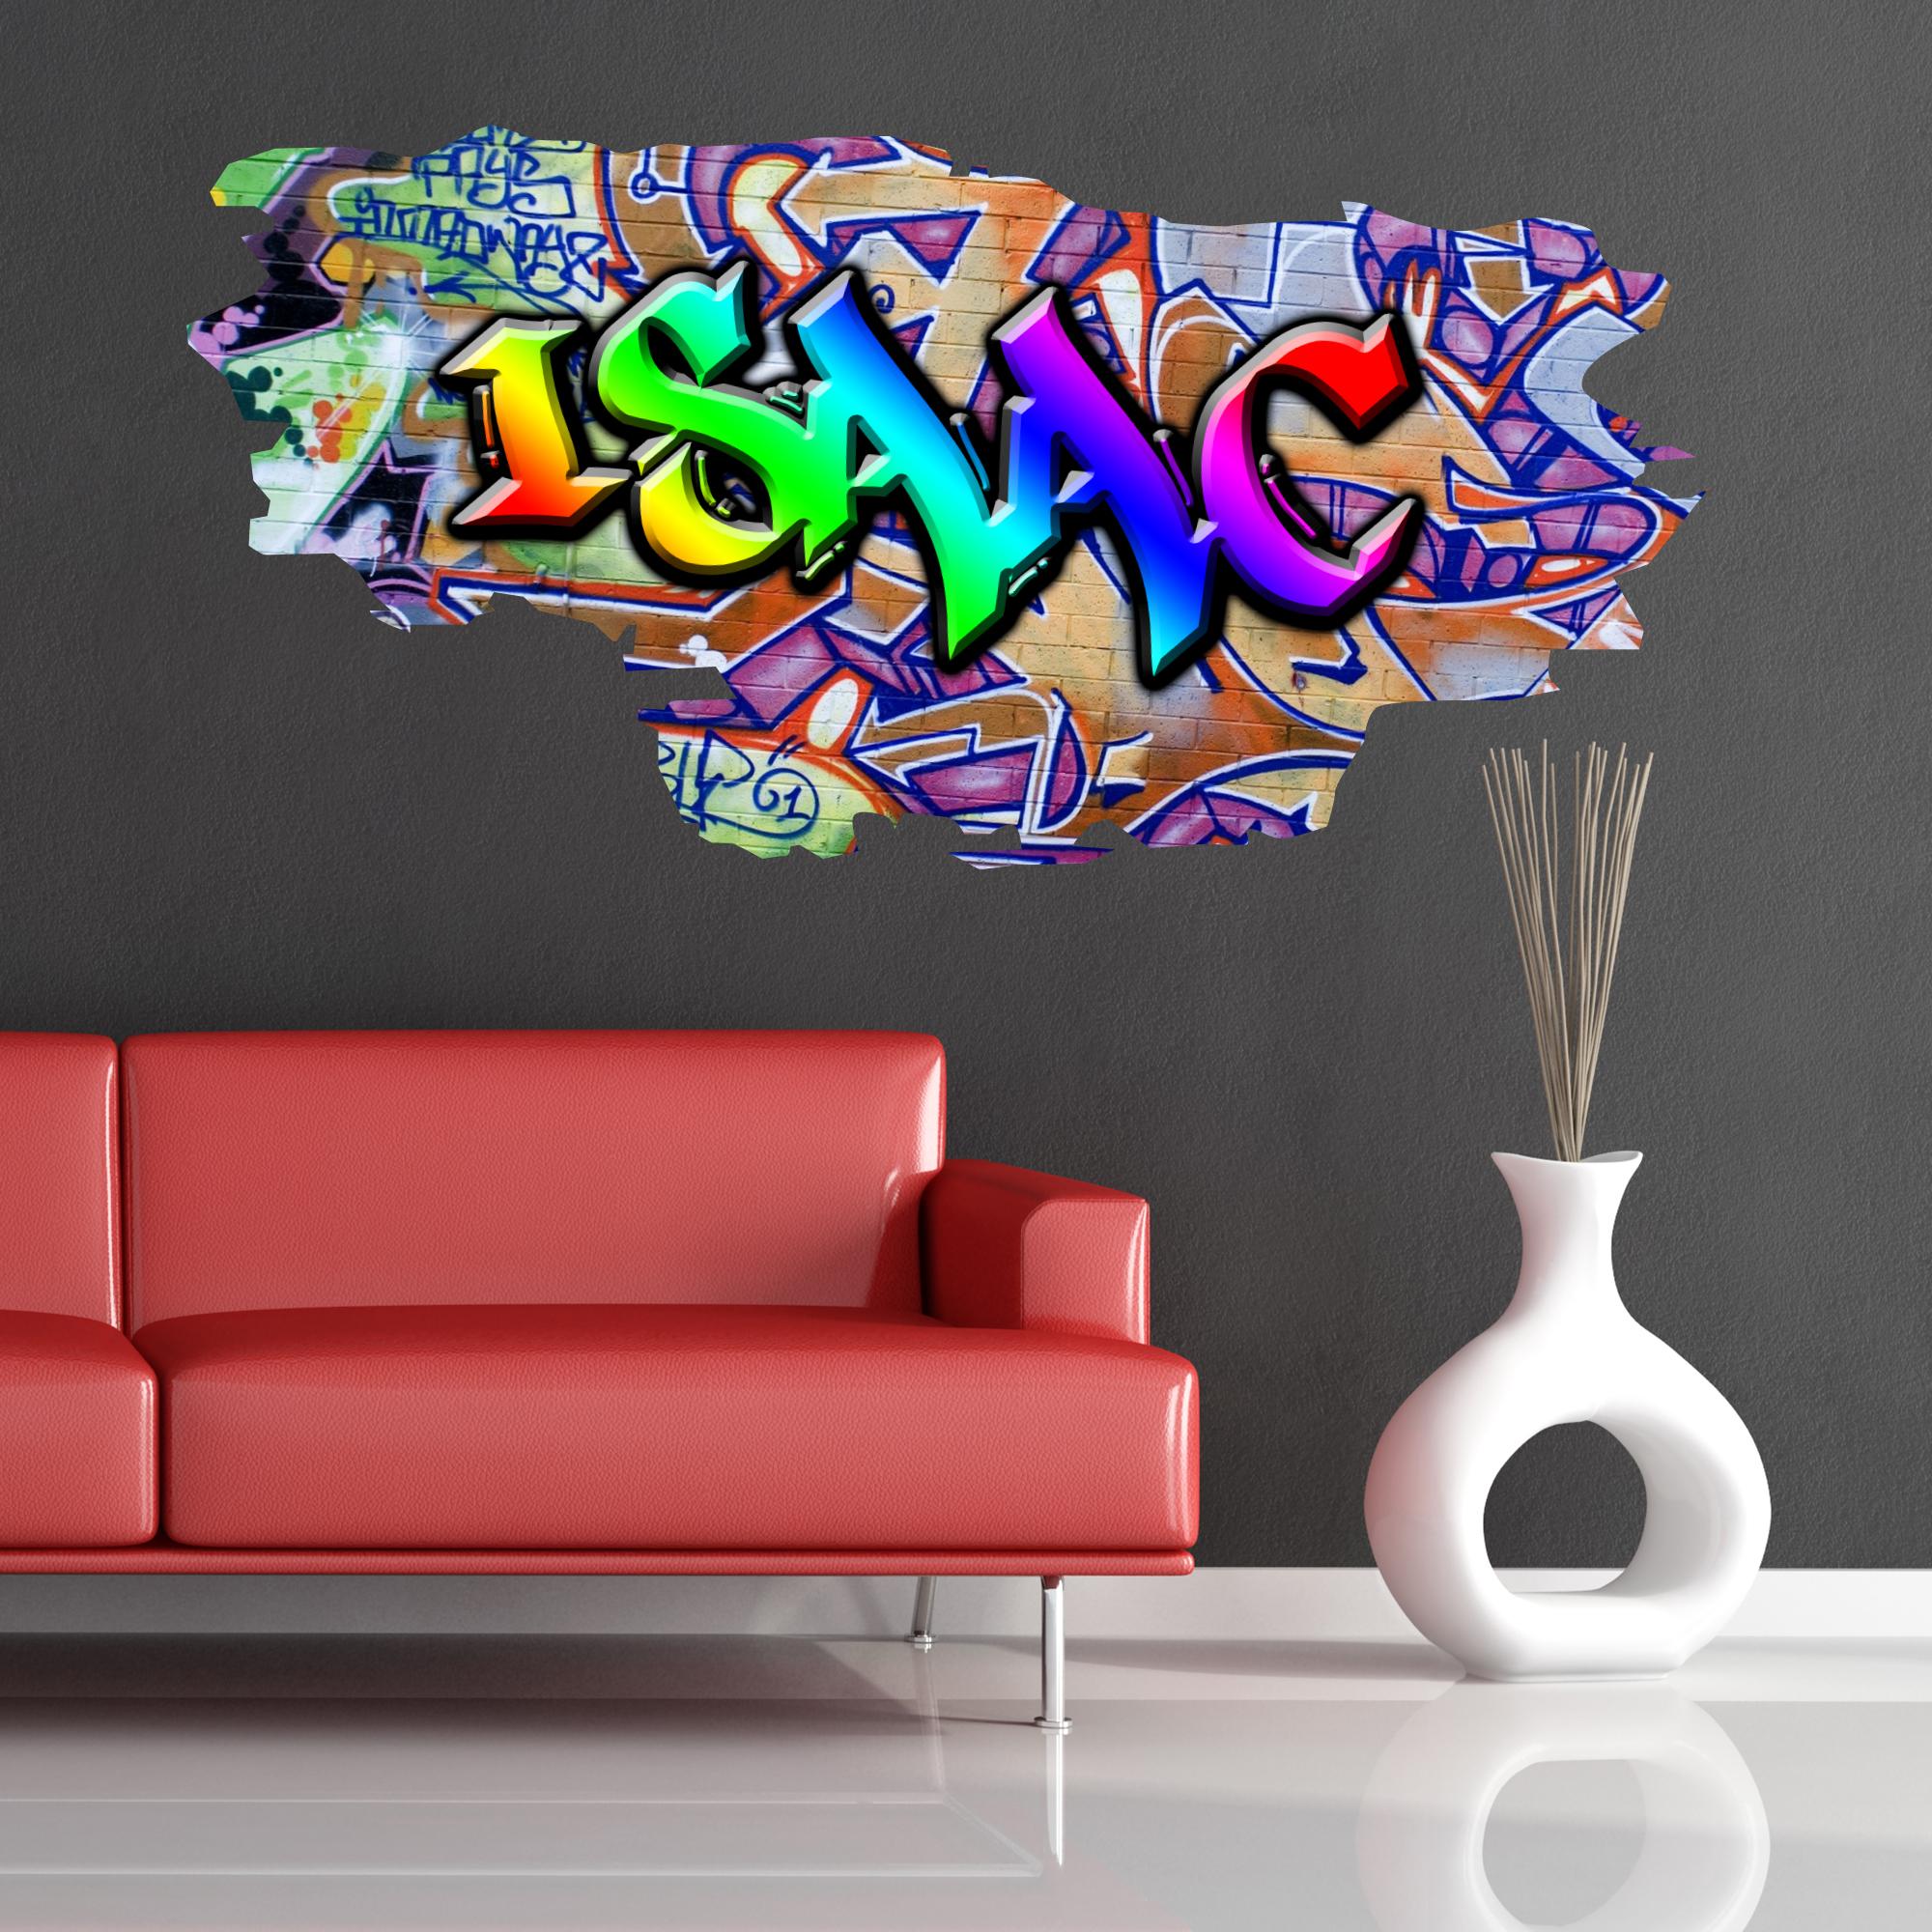 Grafitti wall sticker - Multi Colour Personalised Graffiti Name Brick Wall Sticker Decal Graphic Bedroom